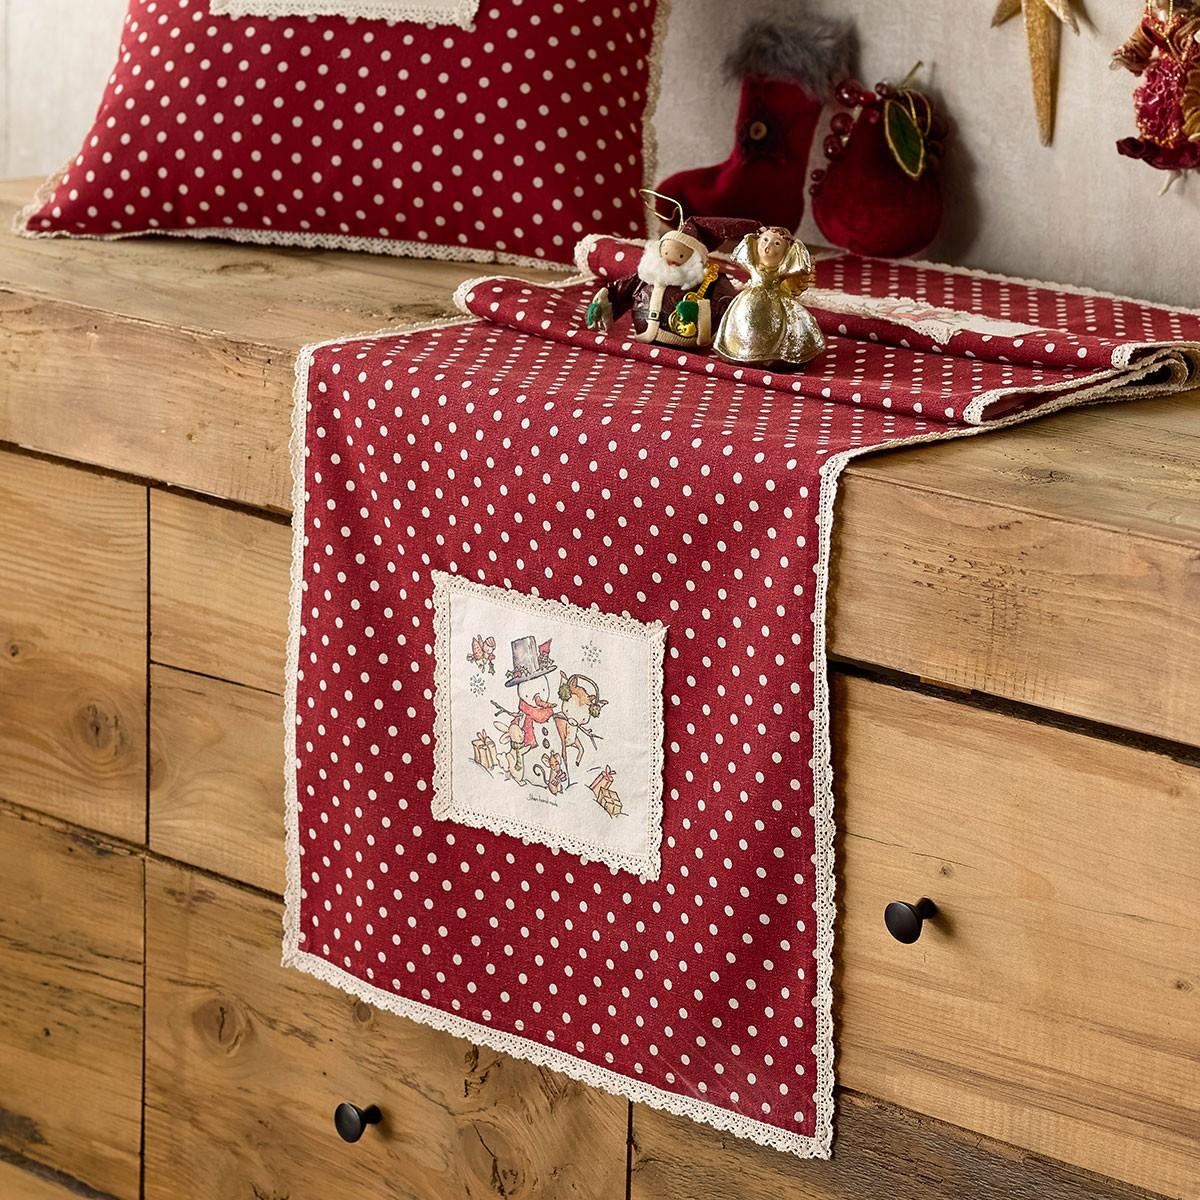 Χριστουγεννιάτικη Τραβέρσα Gofis Home Frosty 877